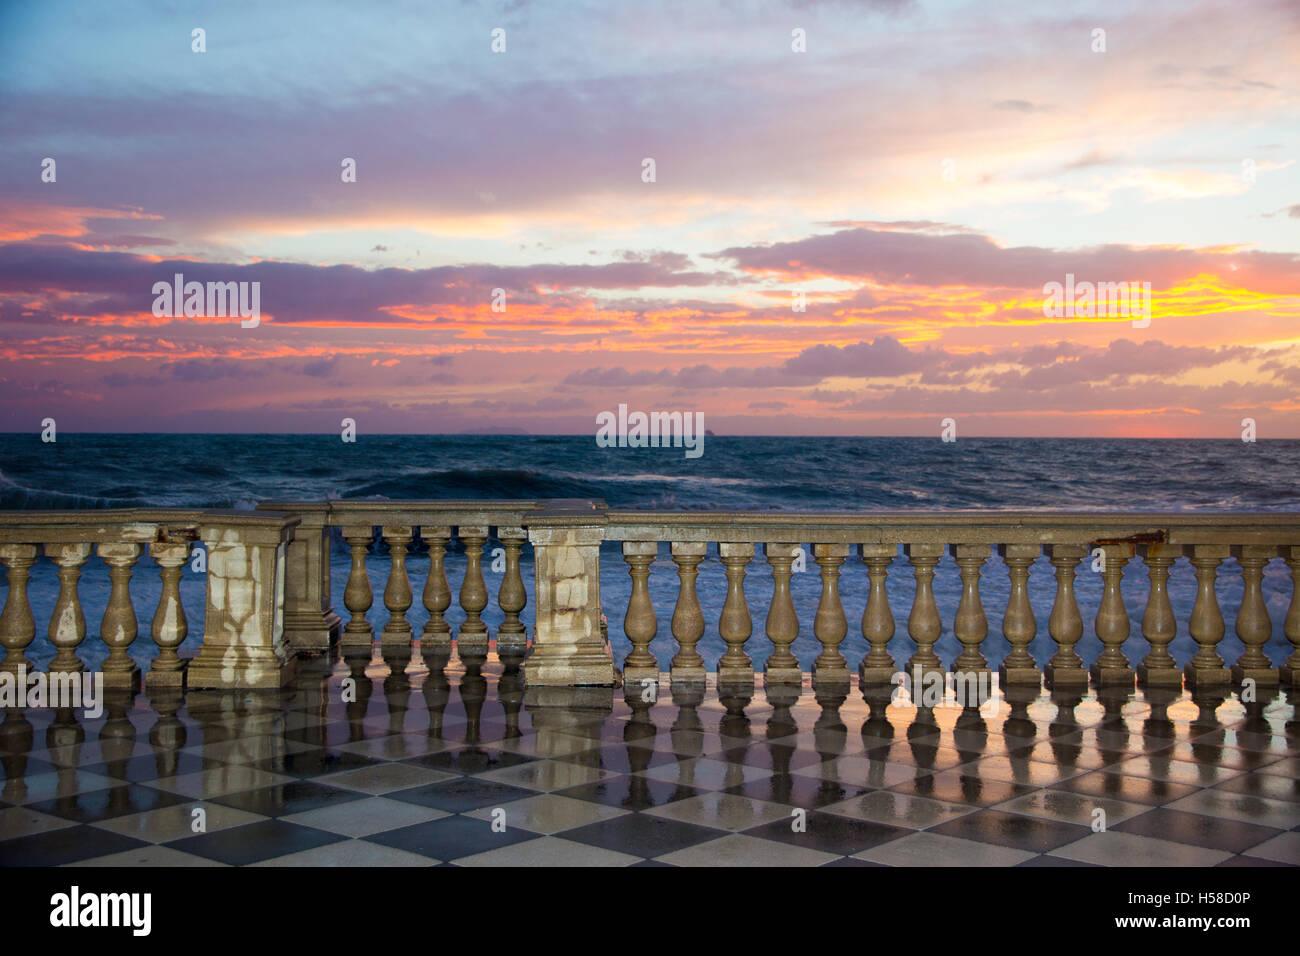 Terrazza Mascagni a Livorno bei Sonnenuntergang Stockfoto, Bild ...